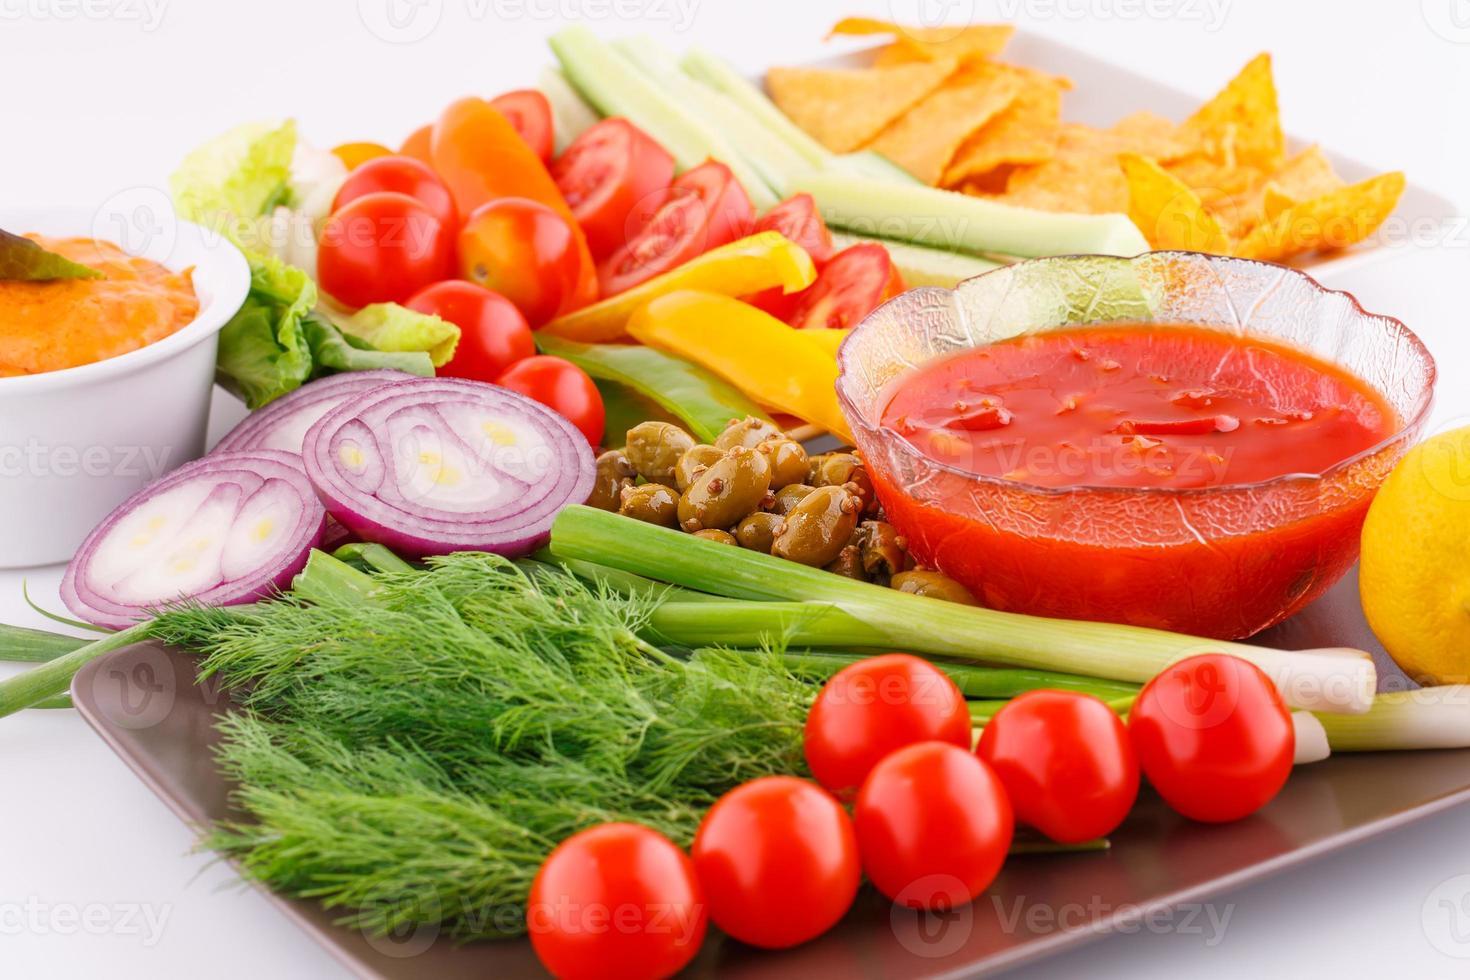 Gemüse, Oliven, Nachos, Rot und Käse foto